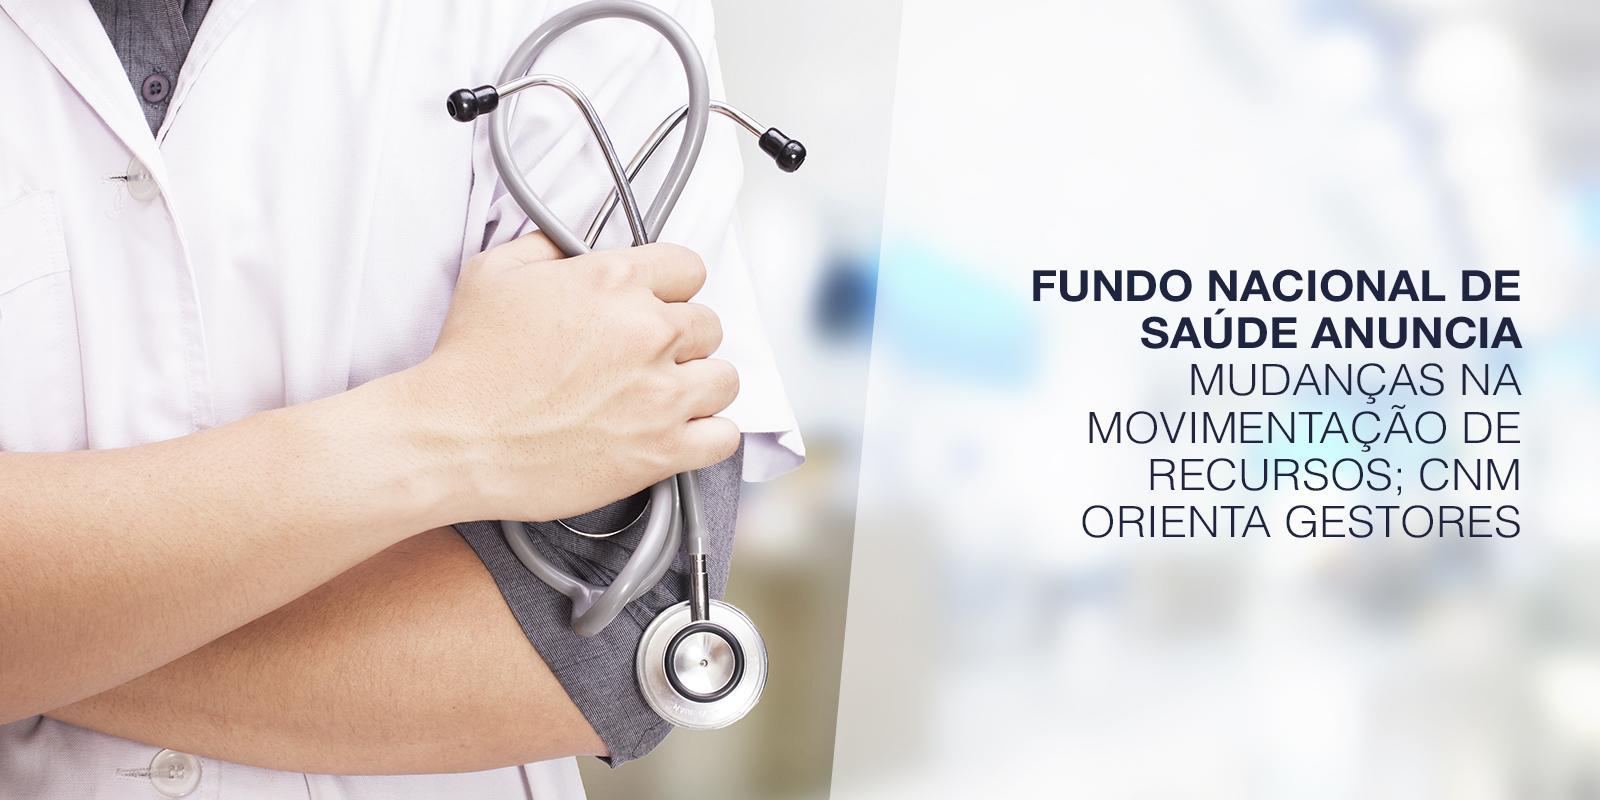 Fundo Nacional de Saúde anuncia mudanças na movimentação de recursos; CNM orienta gestores